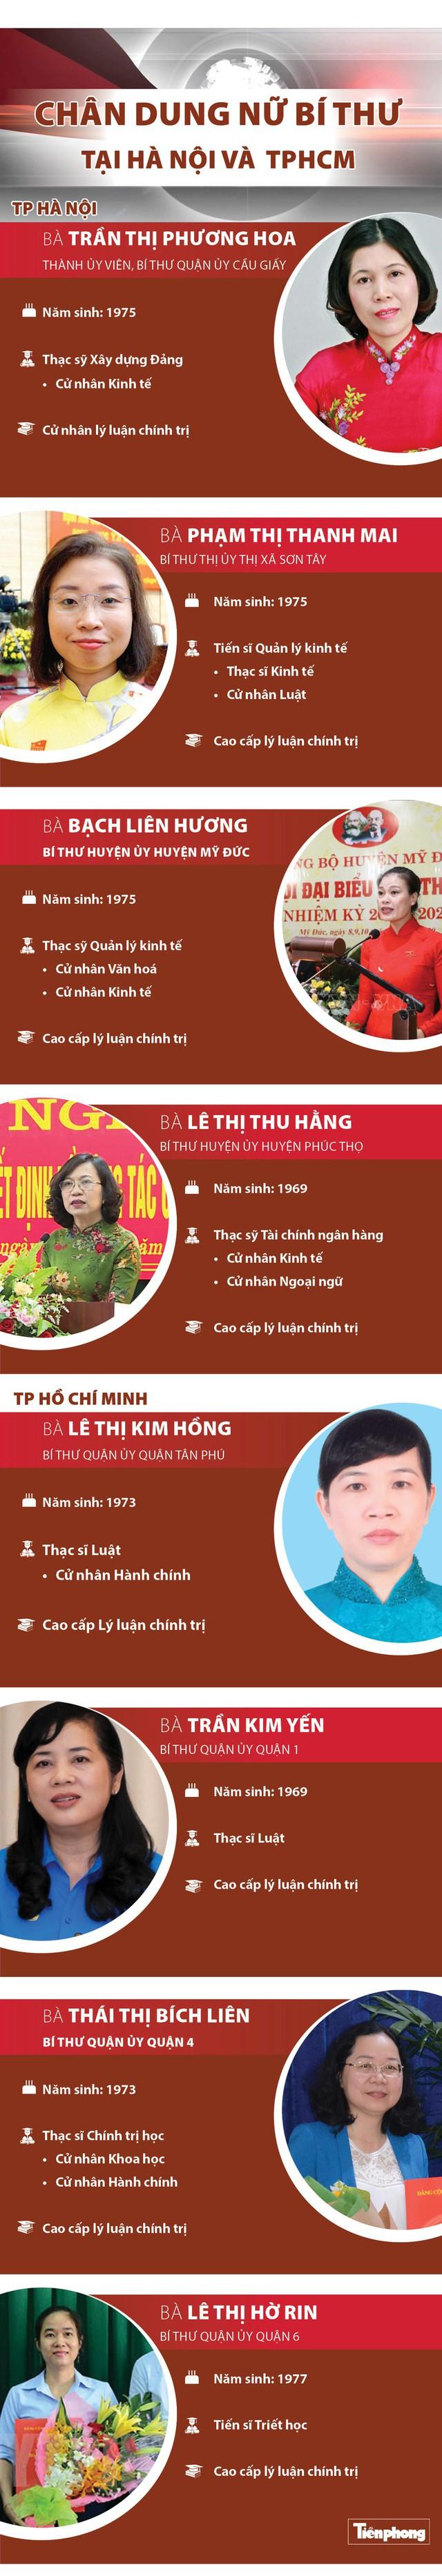 Chân dung 8 nữ Bí thư tại Hà Nội và TPHCM - Ảnh 1.